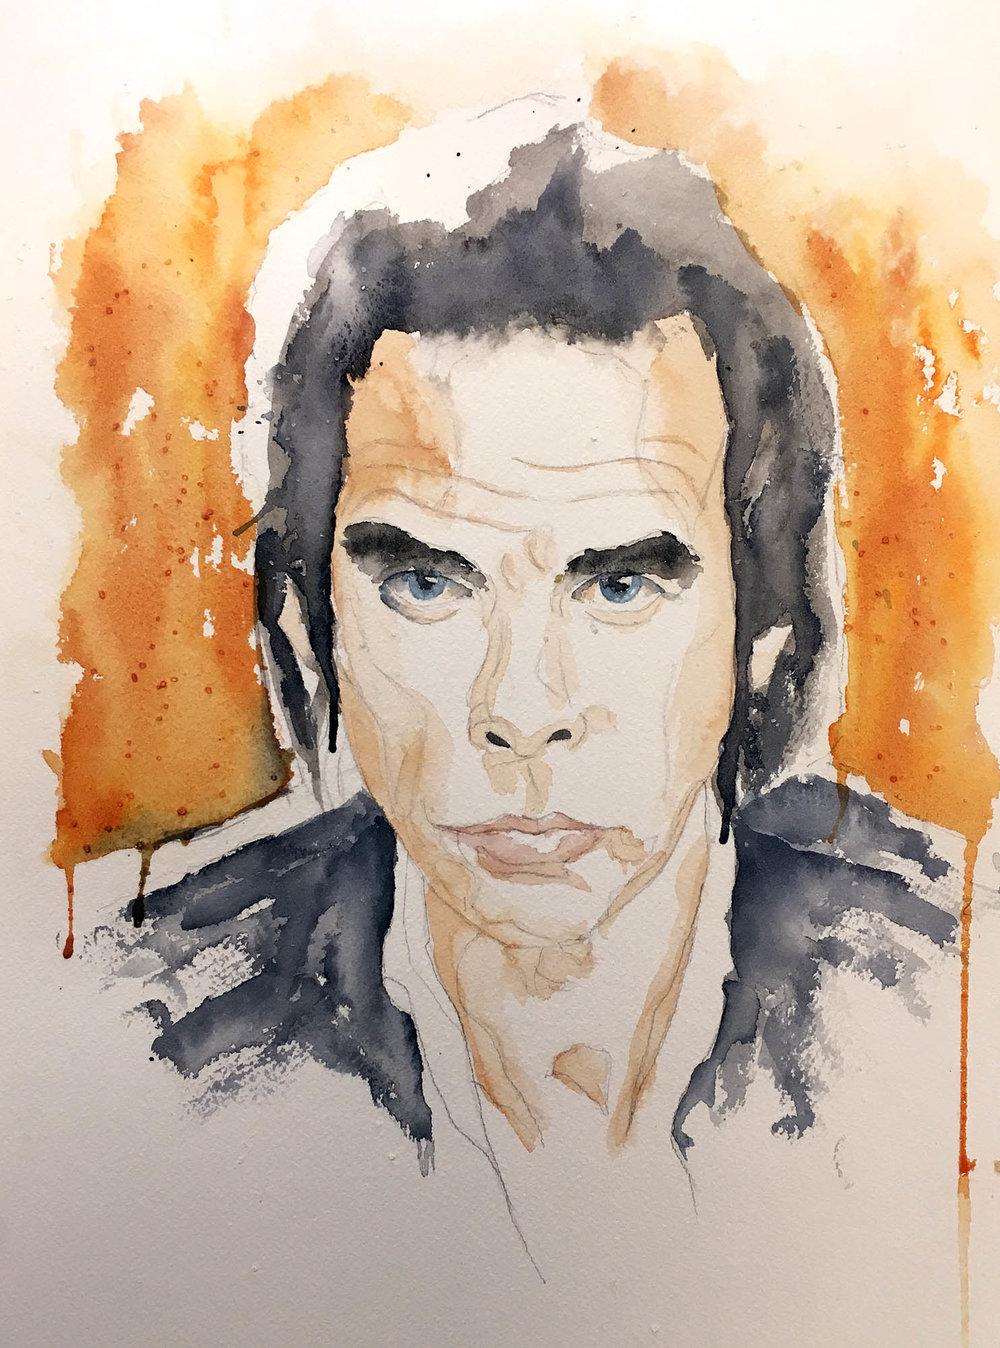 Nick Cave sketch4.jpg